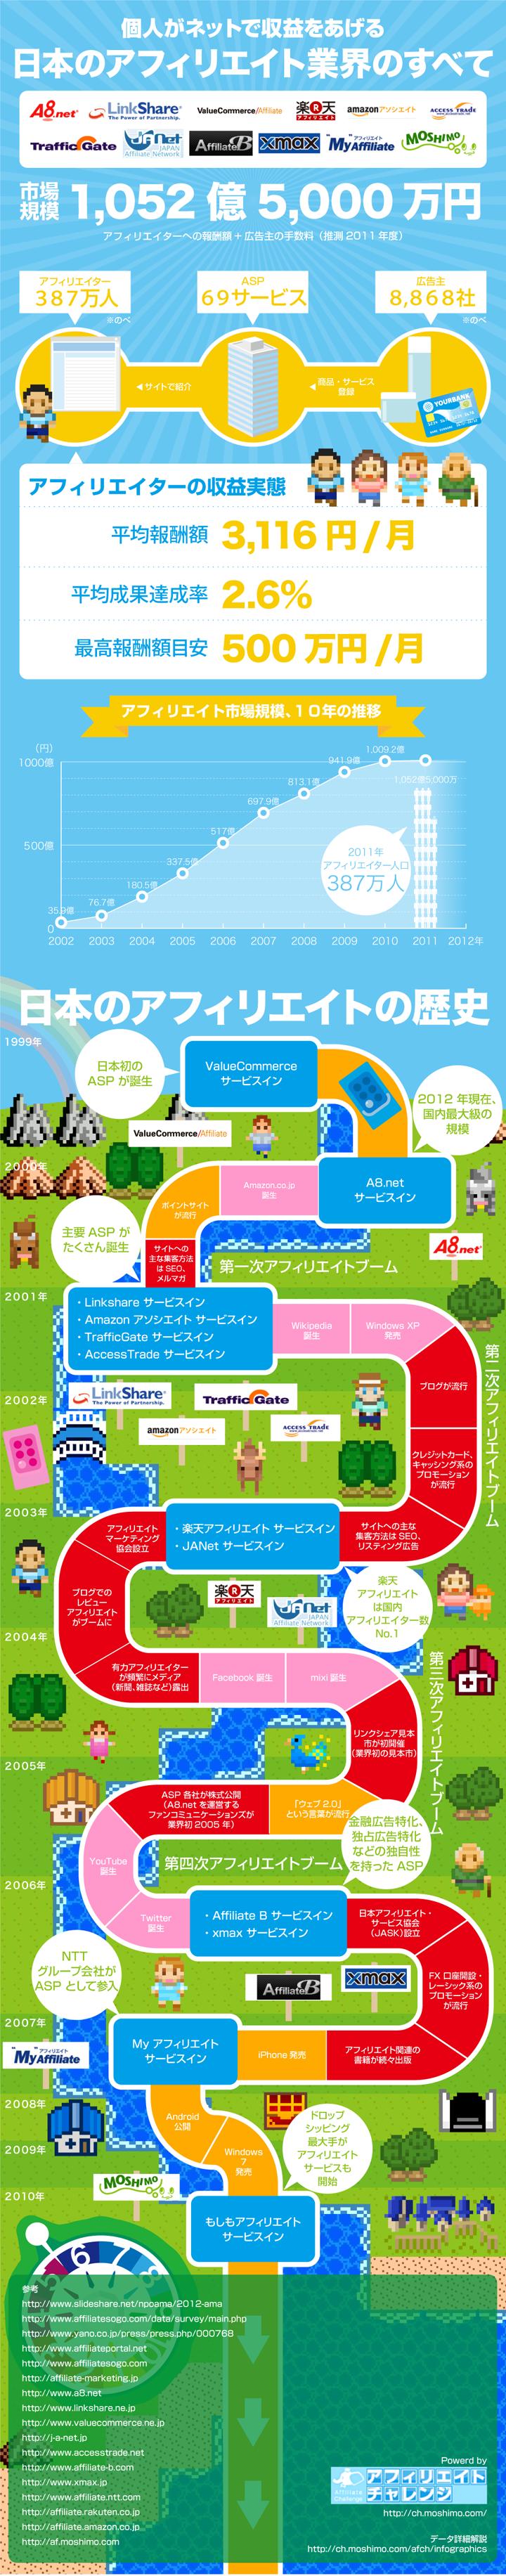 日本のアフィリエイト業界のすべて